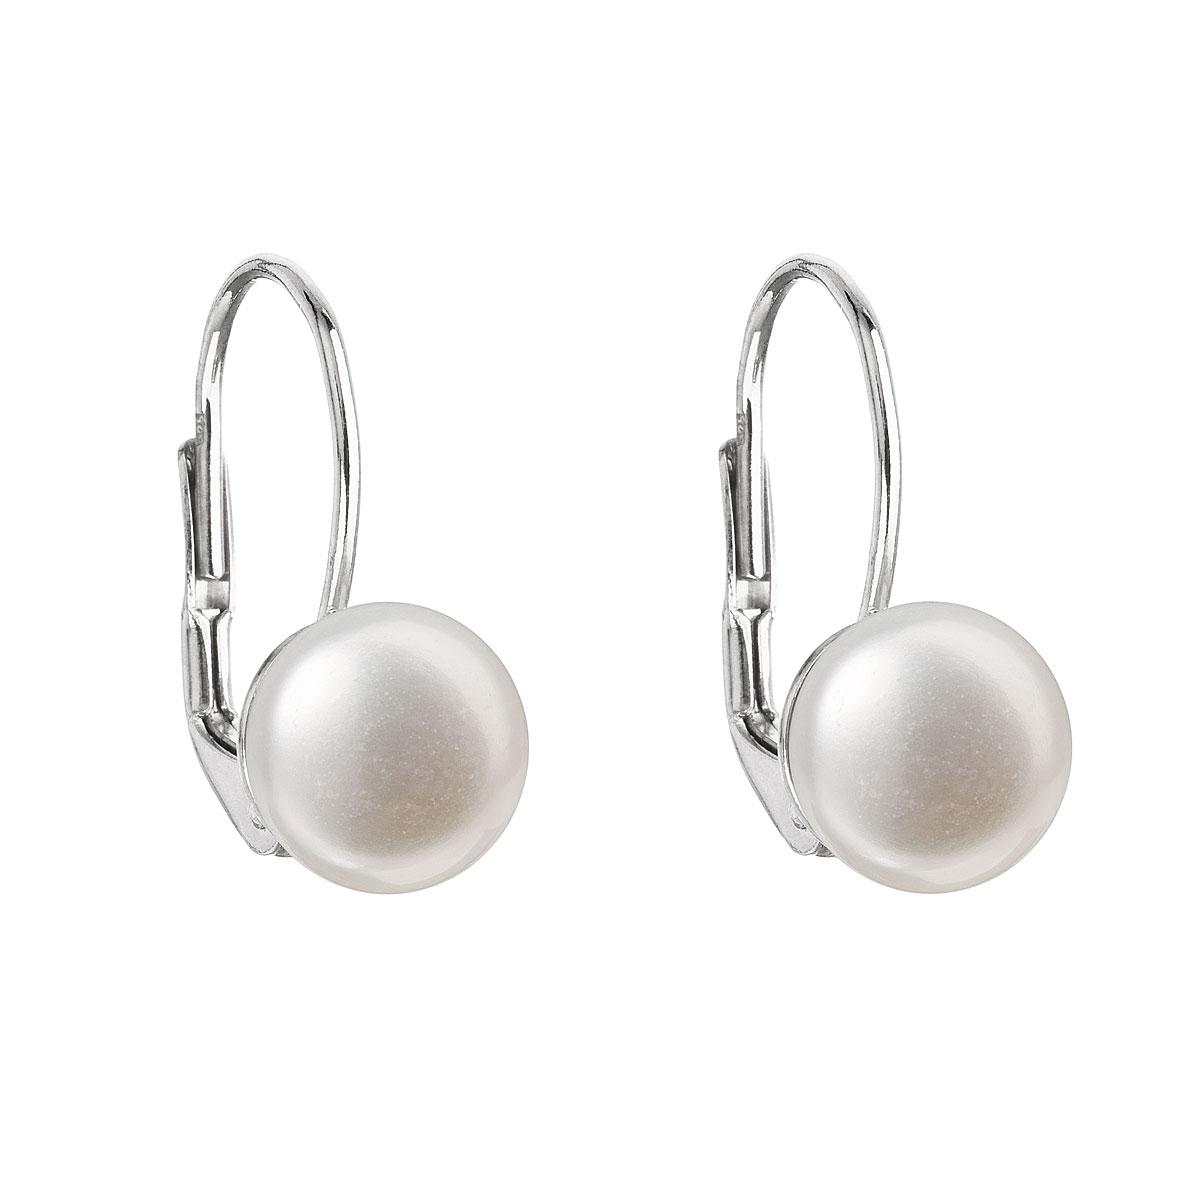 Strieborné náušnice visiace s bielou riečnou perlou 21009.1